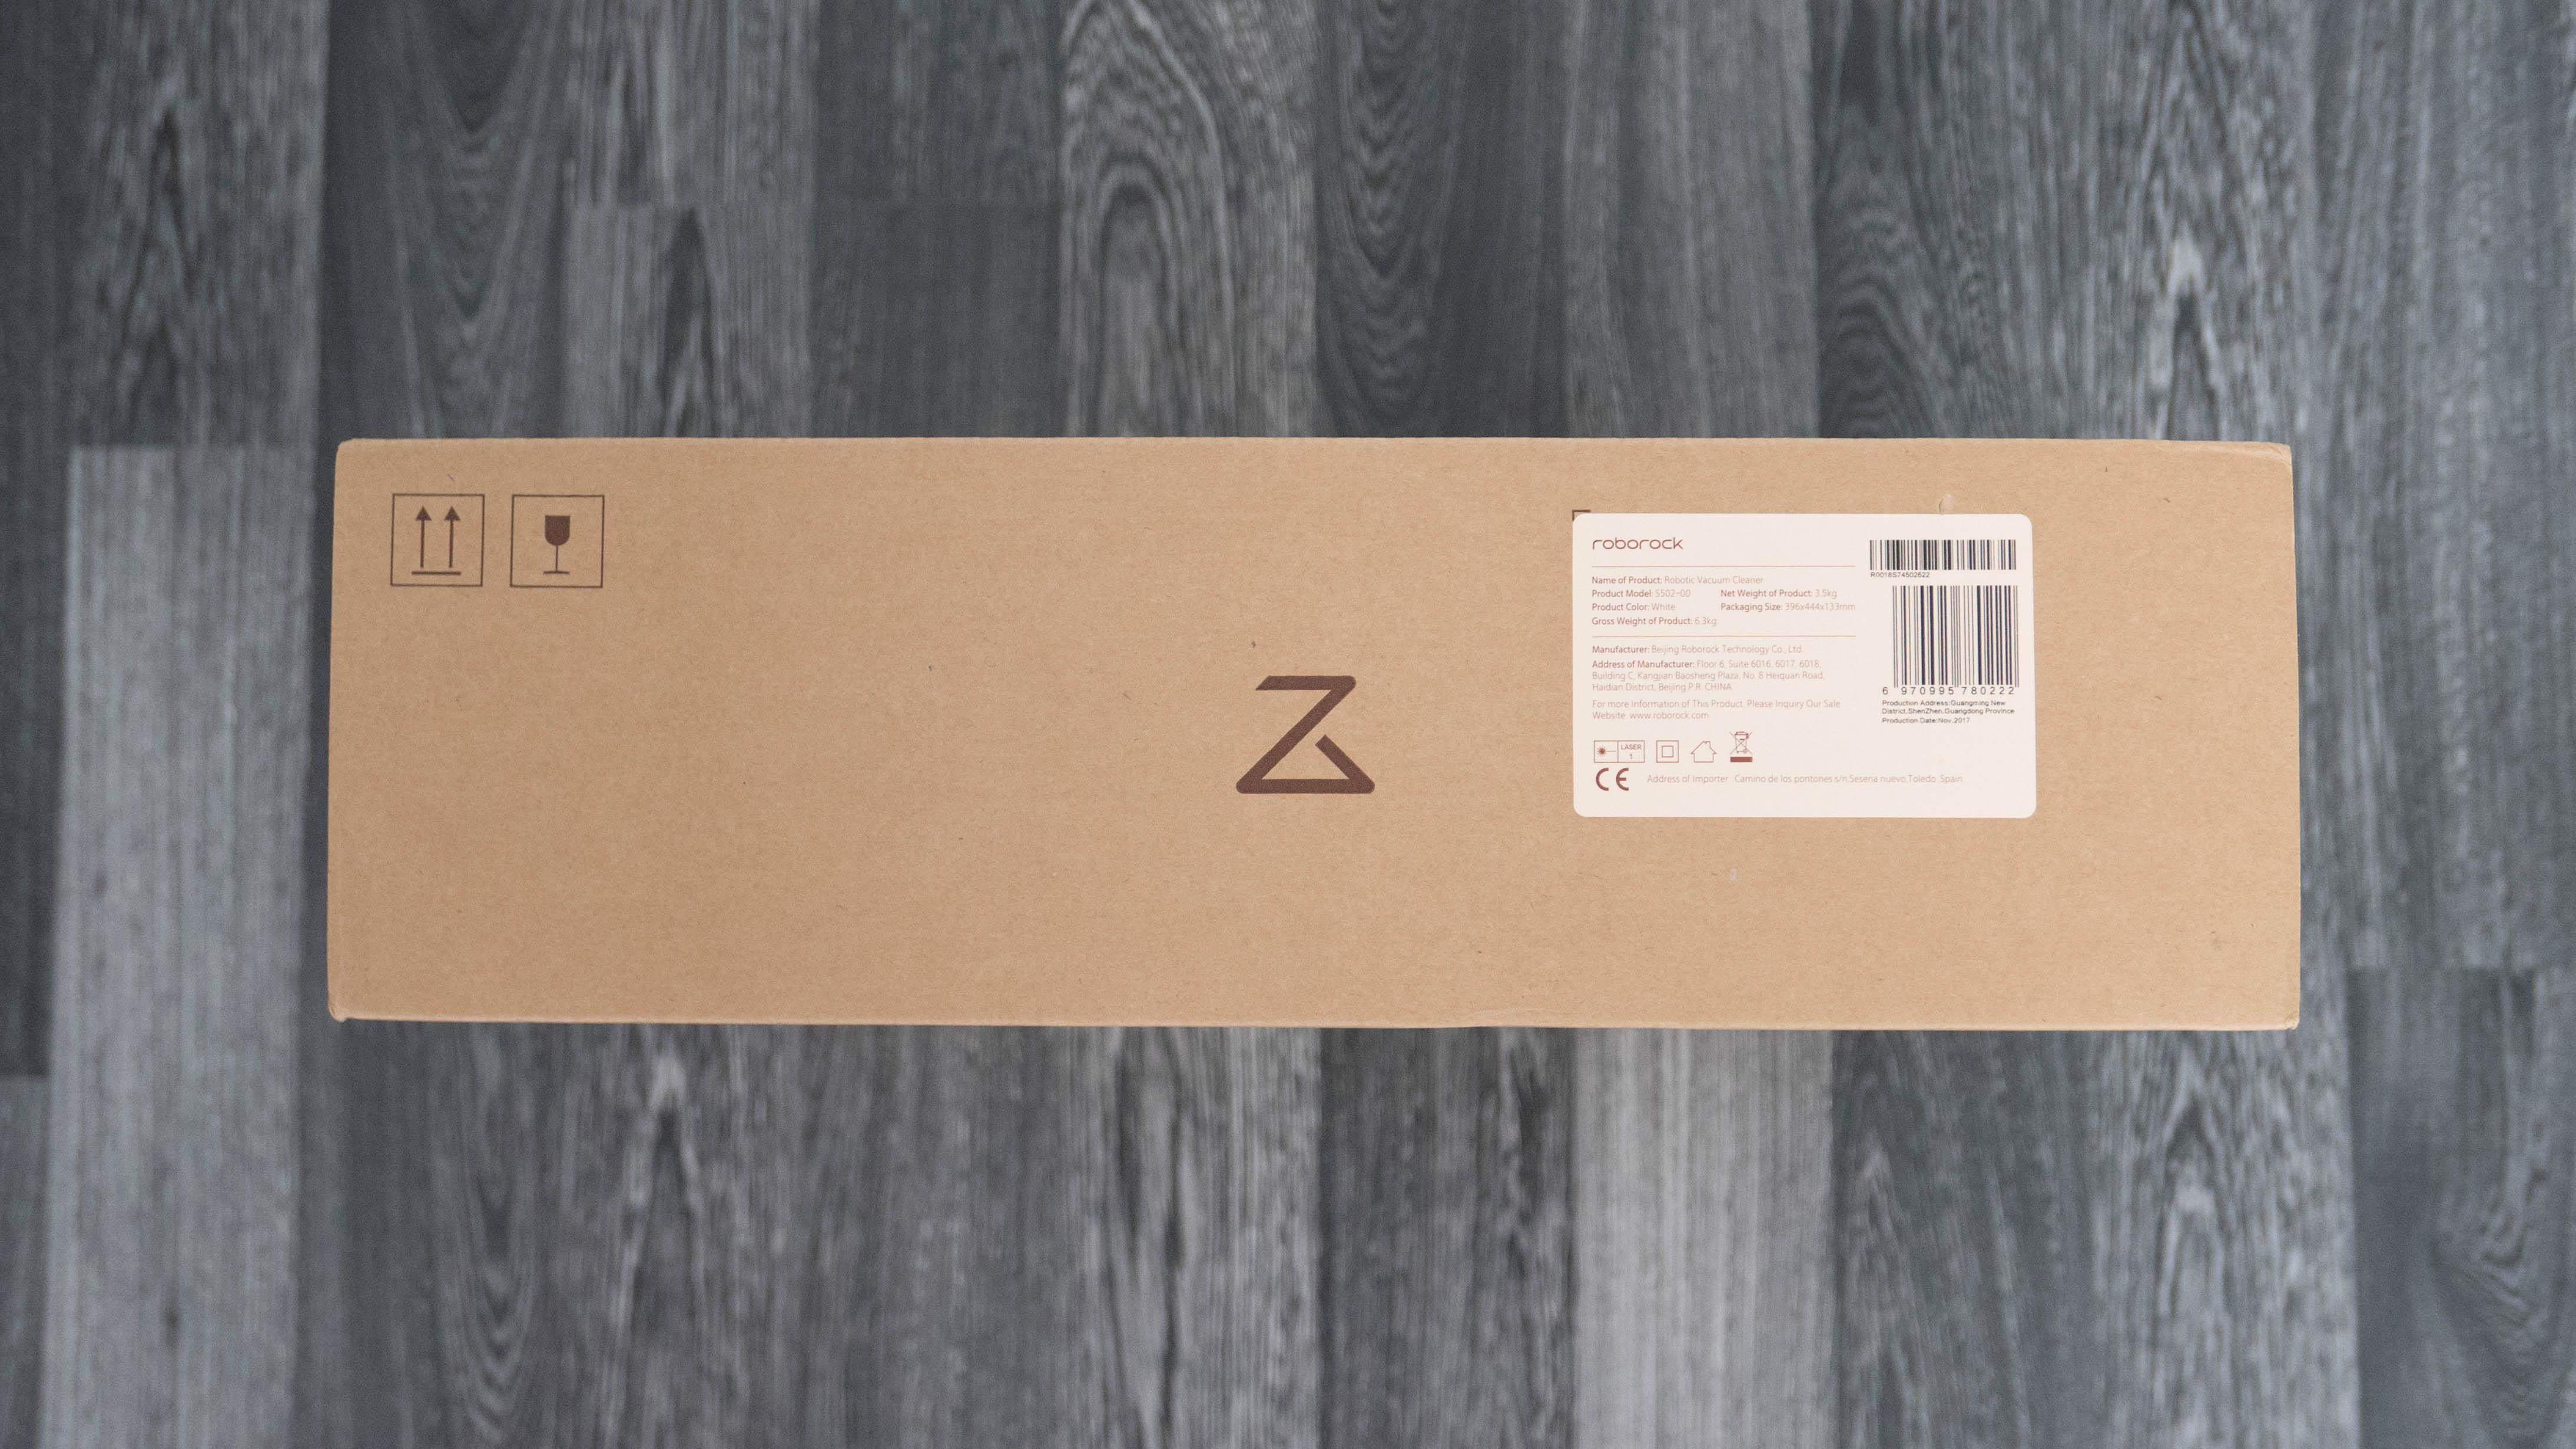 Xiaomi Mi Robot 2 Auspacken 2